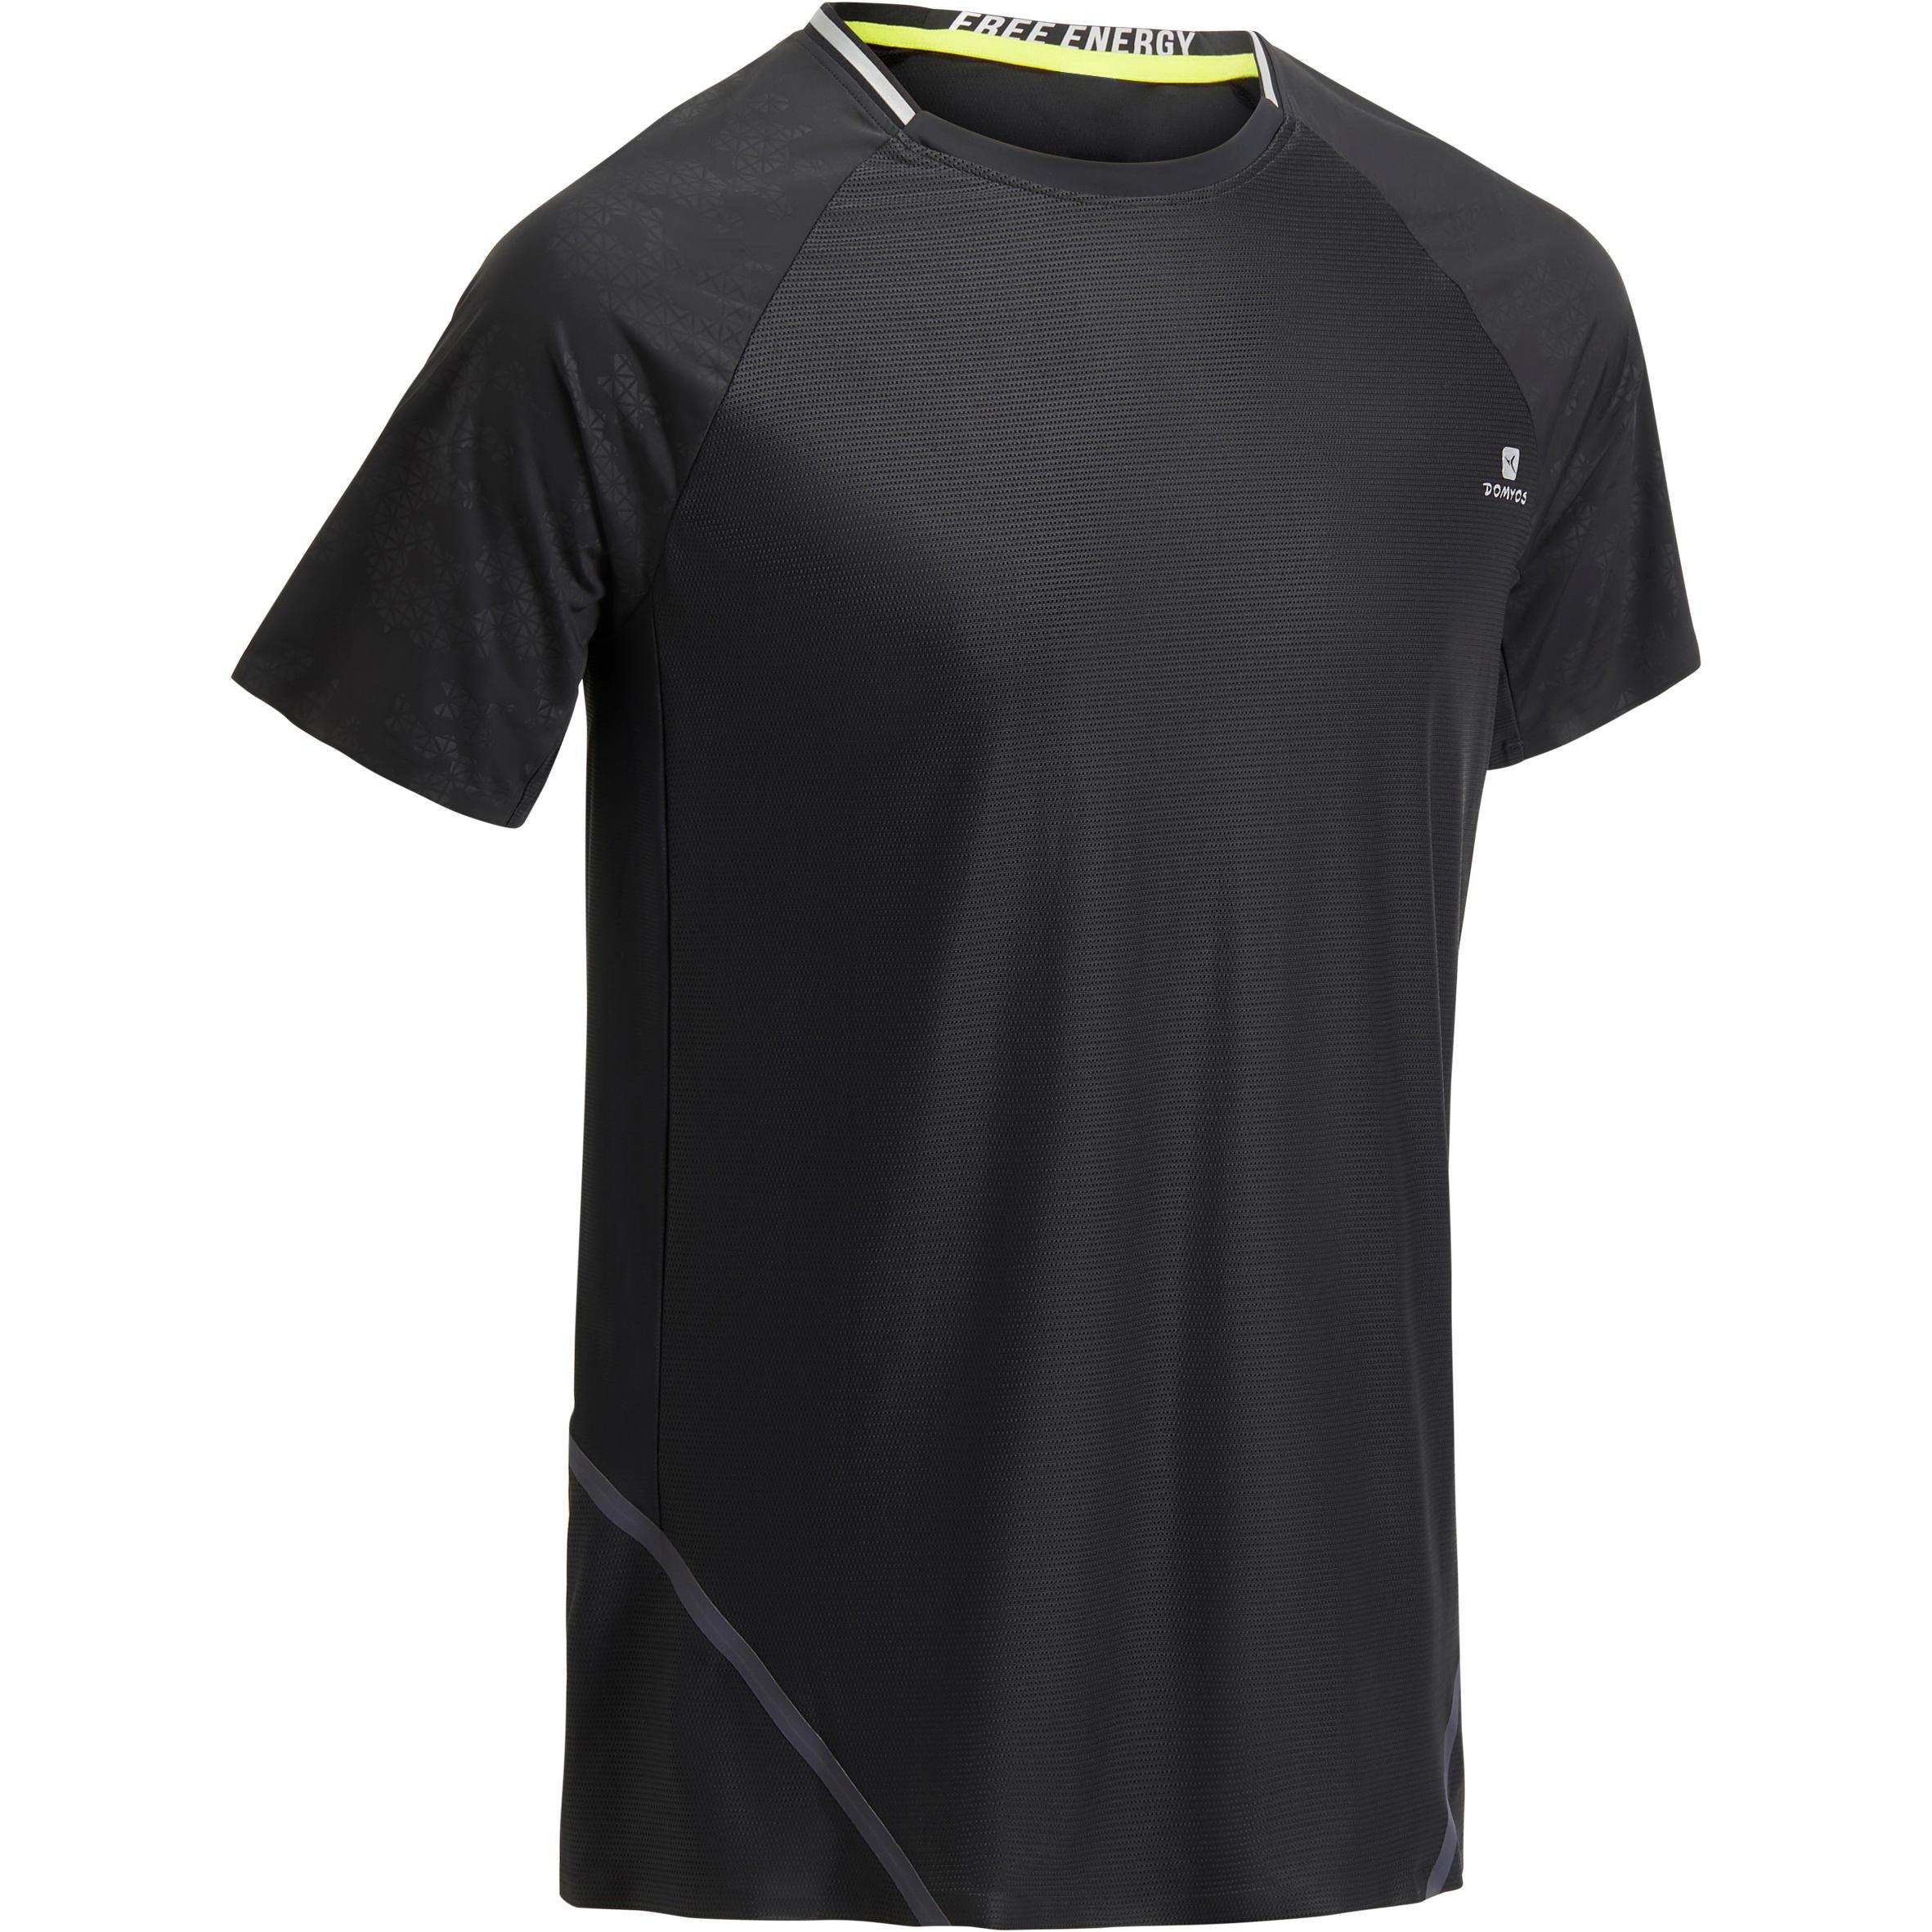 T-shirt entraînement homme NOIR FTS 920